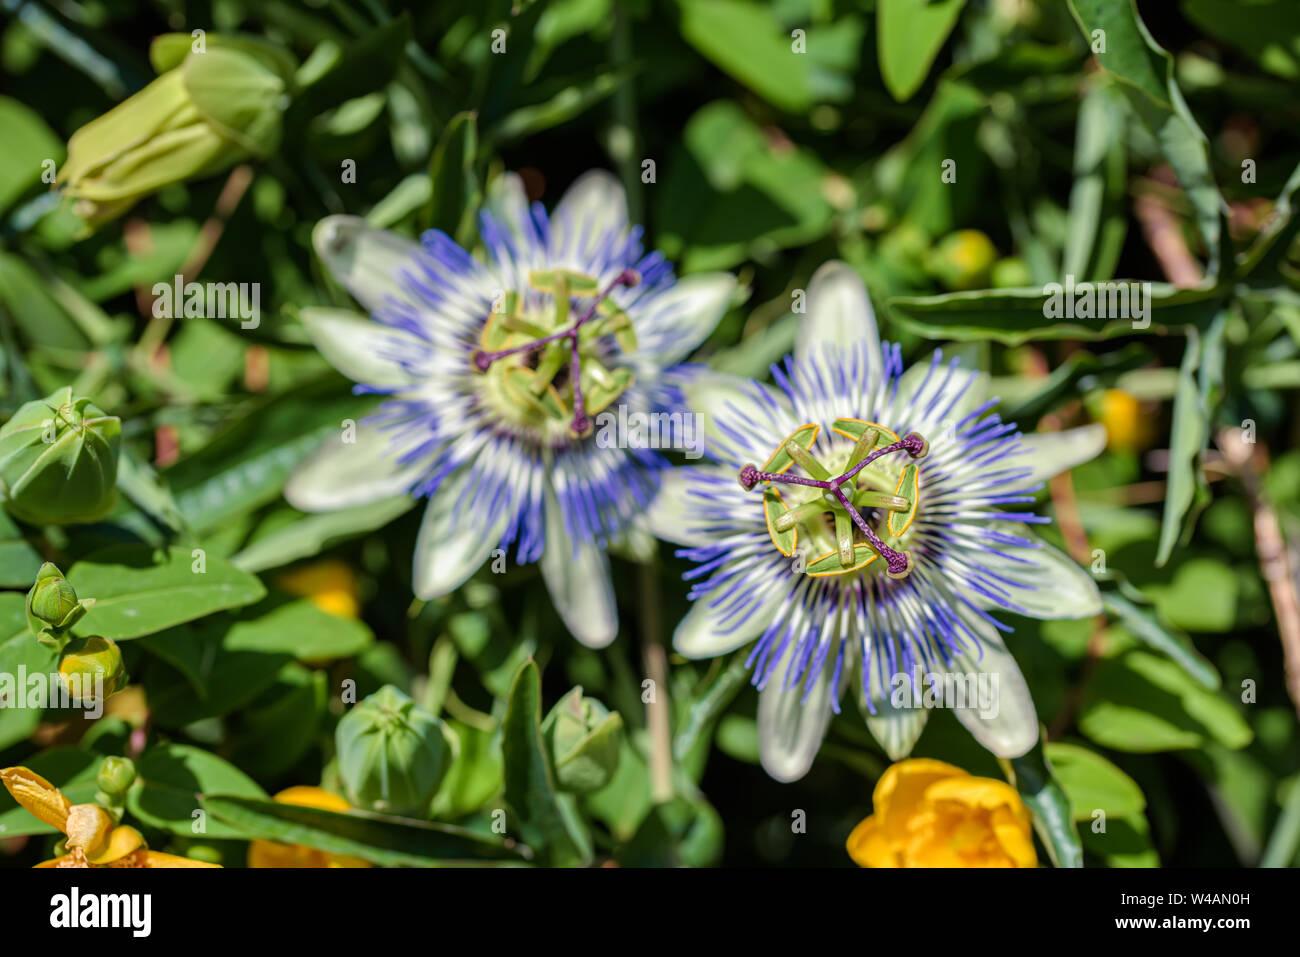 Las flores de la planta sur purple passionflower cerrar Foto de stock